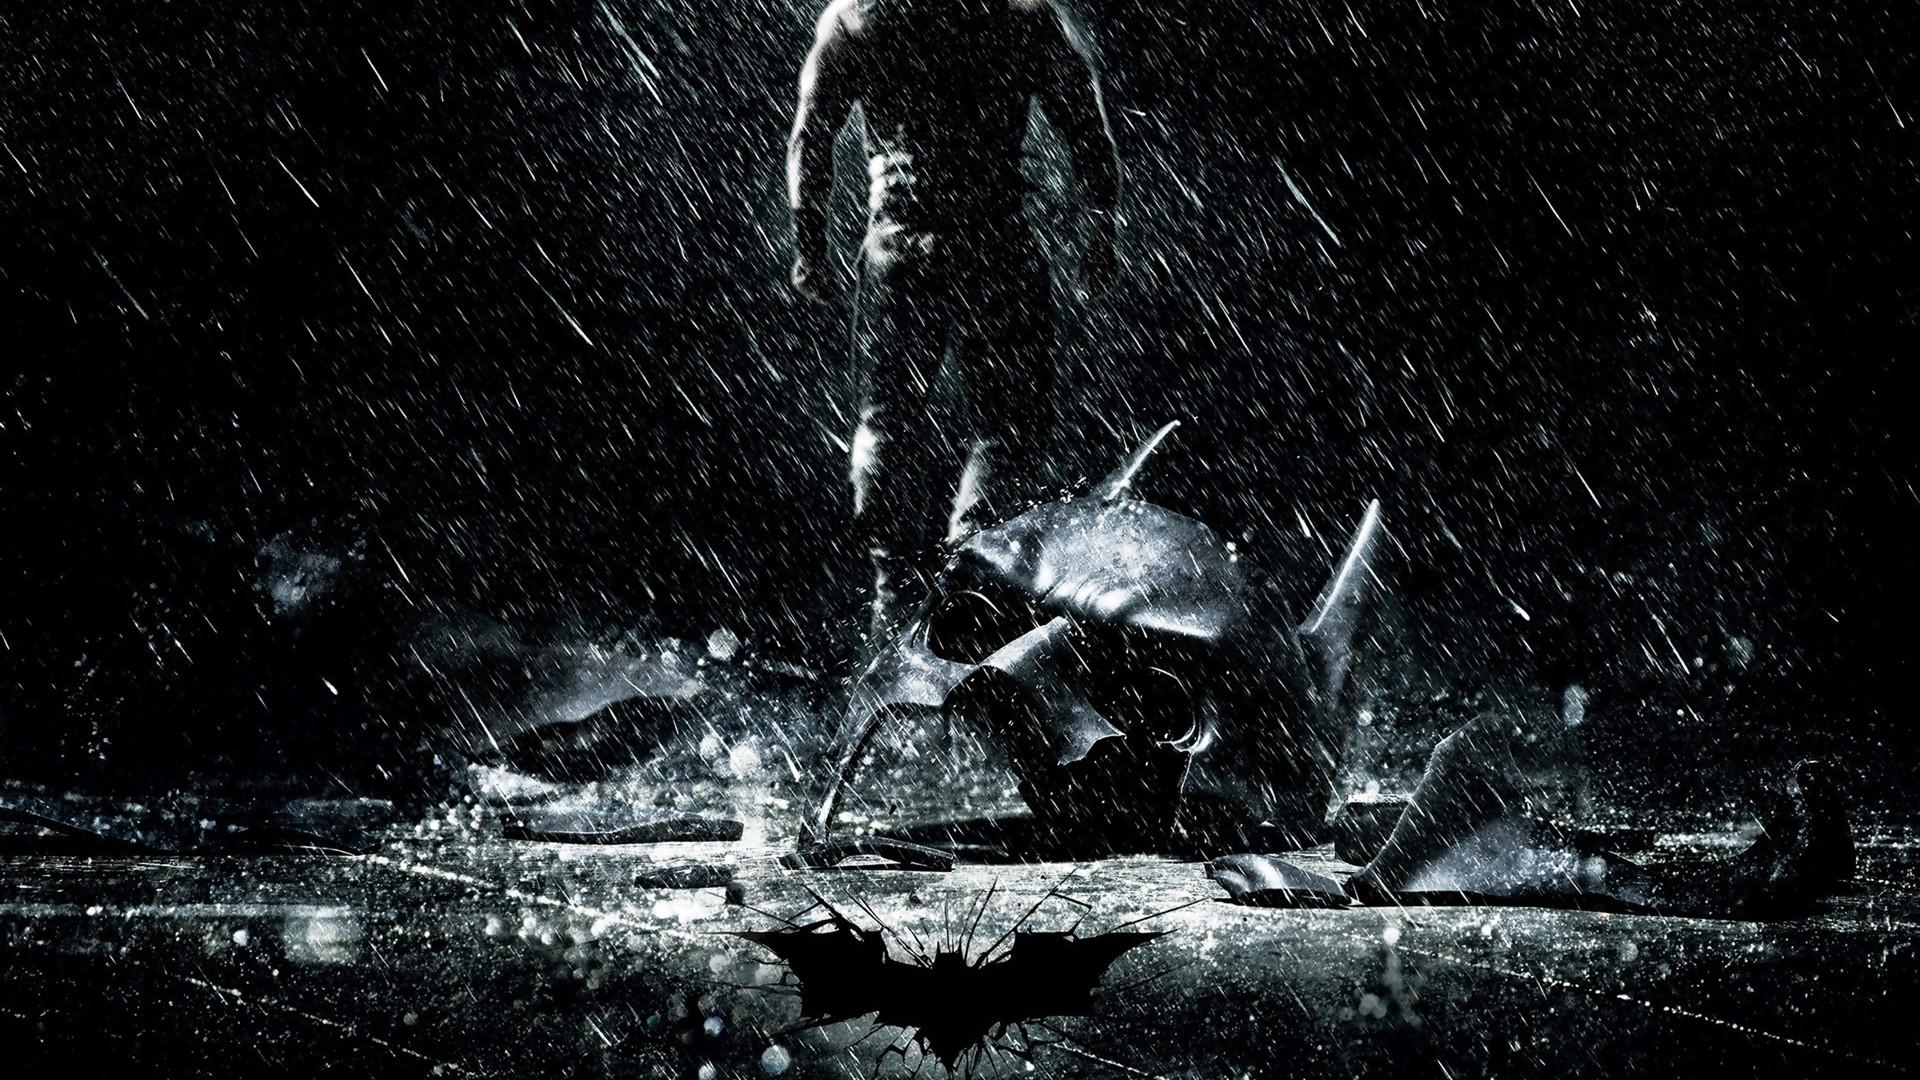 Batman Wallpaper Hd Download Free Pixelstalk Batman Hd Desktop